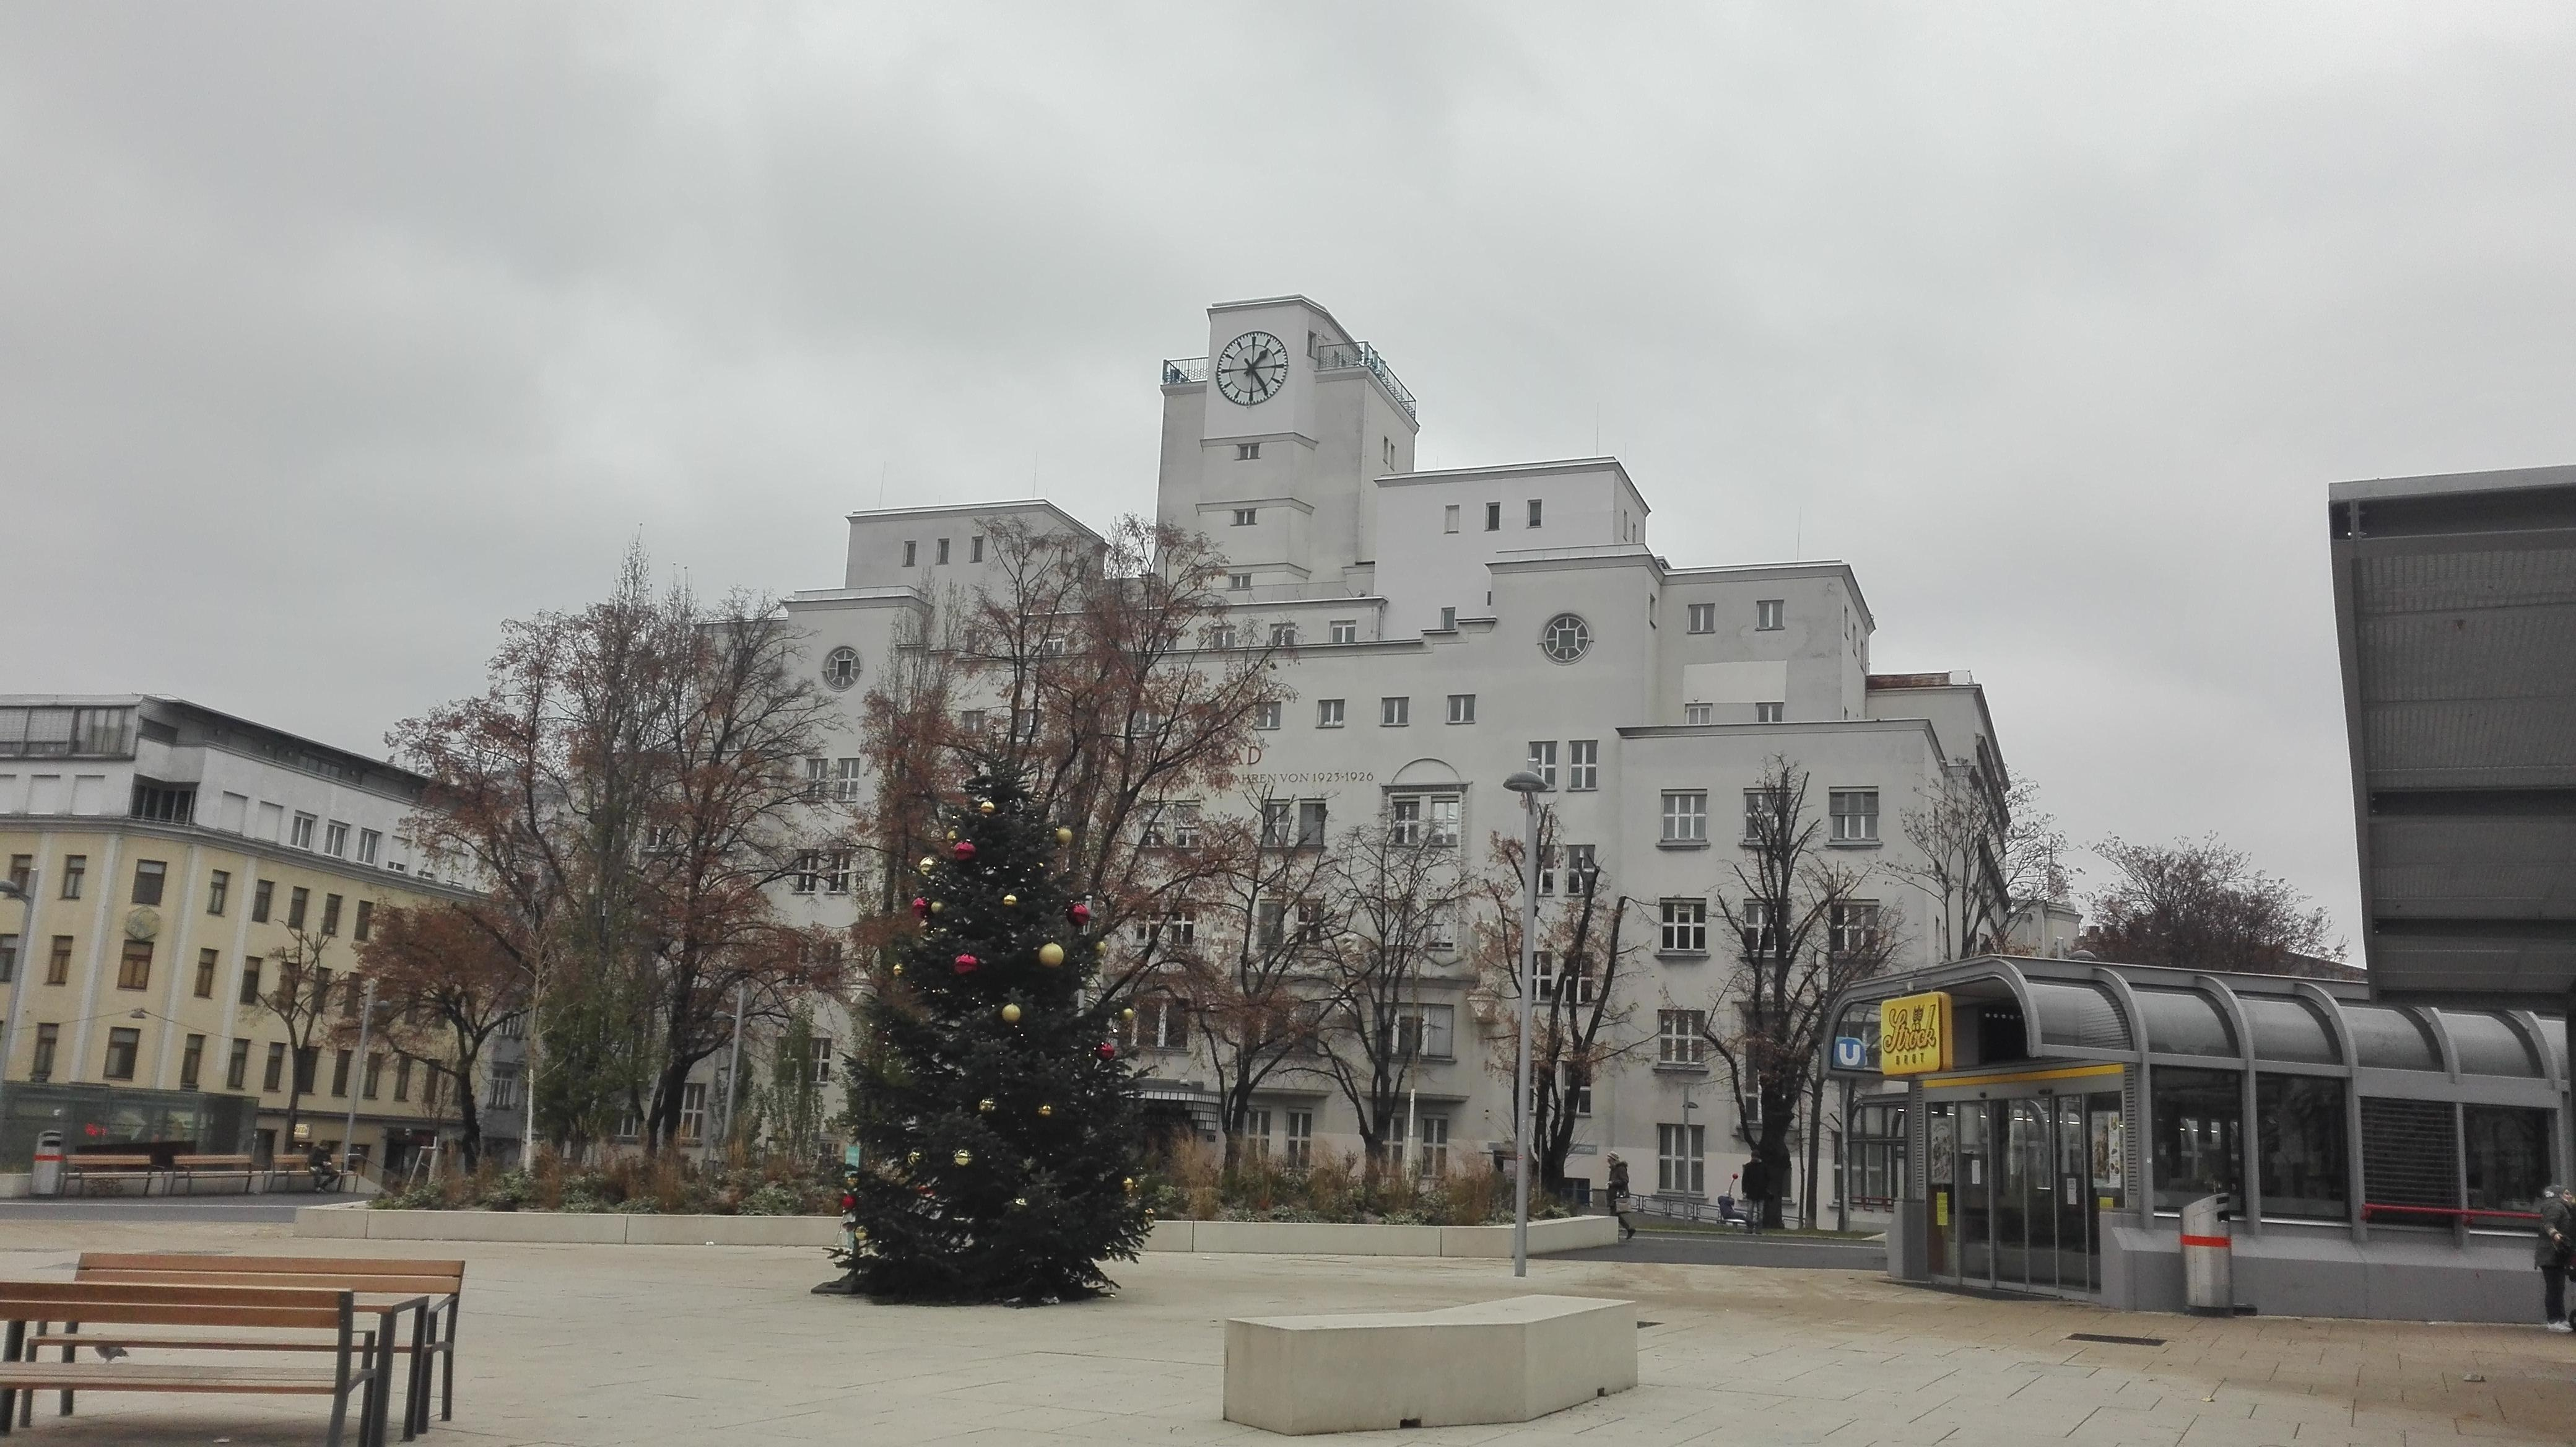 Amalienbad, Reumannplatz; Image Credit: Johana Cernochova